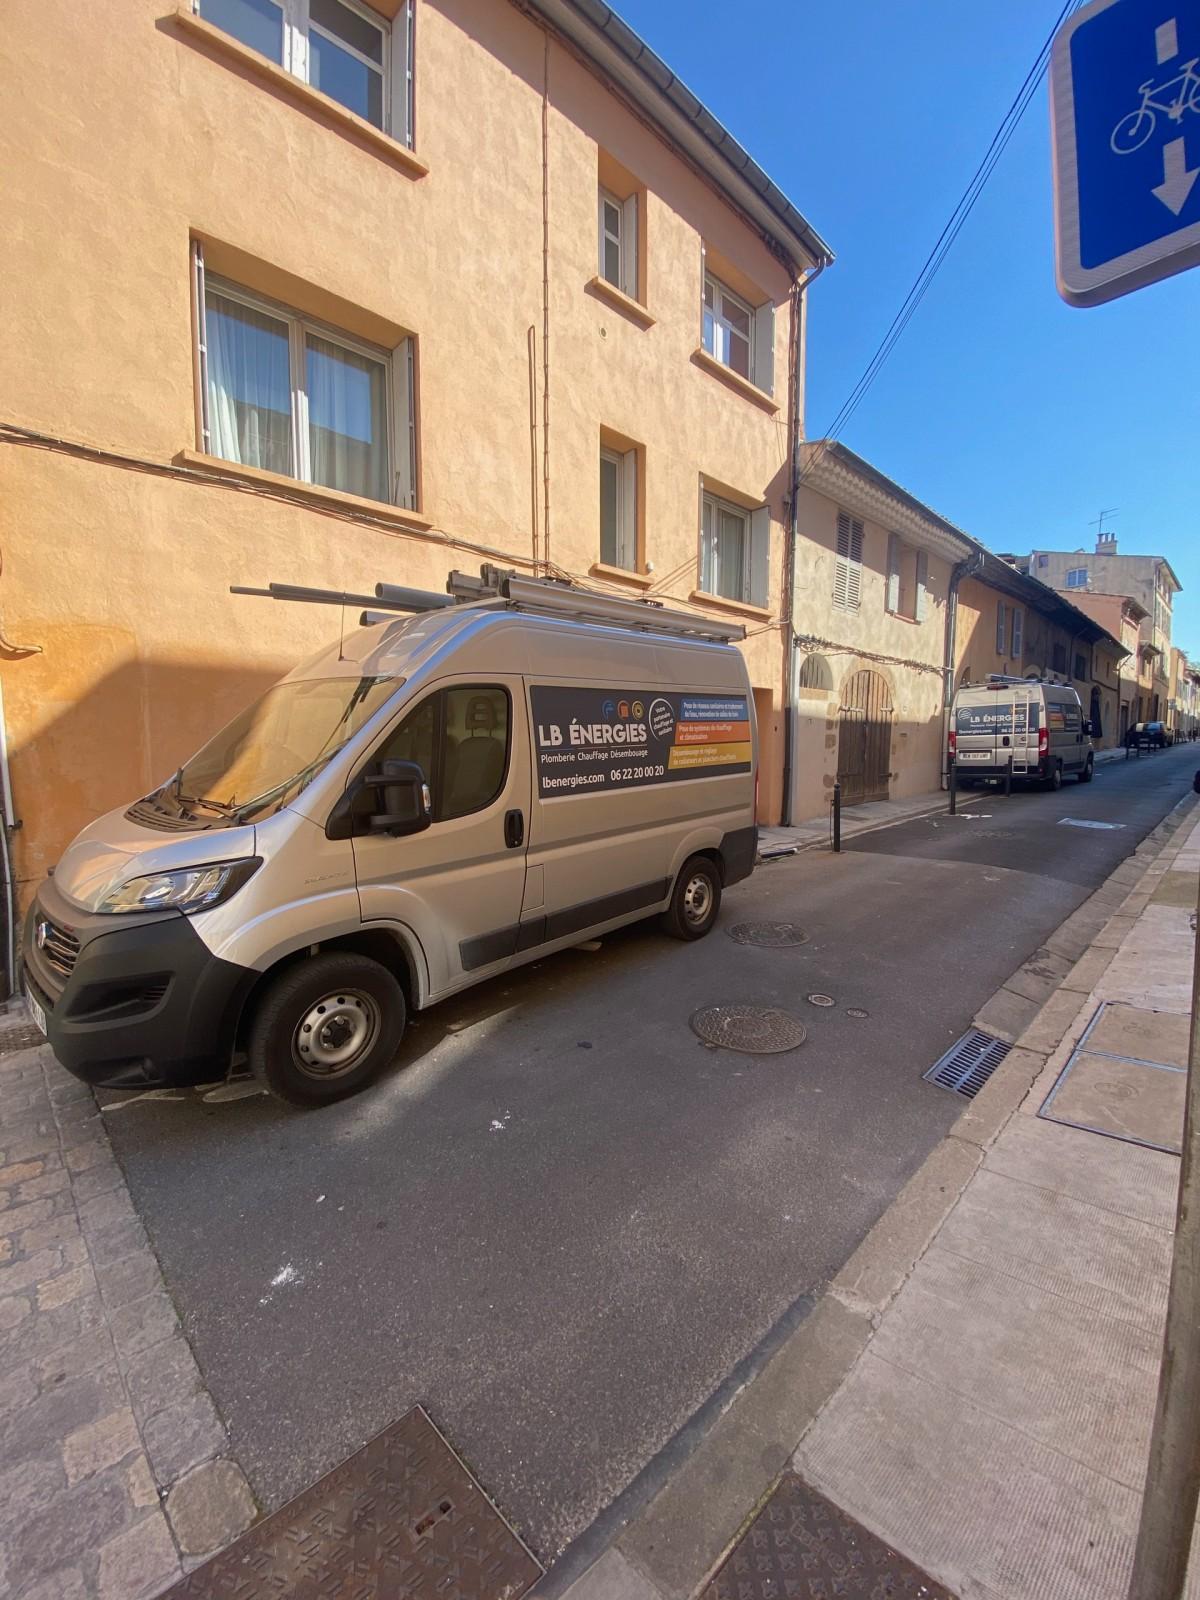 18, rue Gaston de Saporta - Appartement neuf sur Aix-en